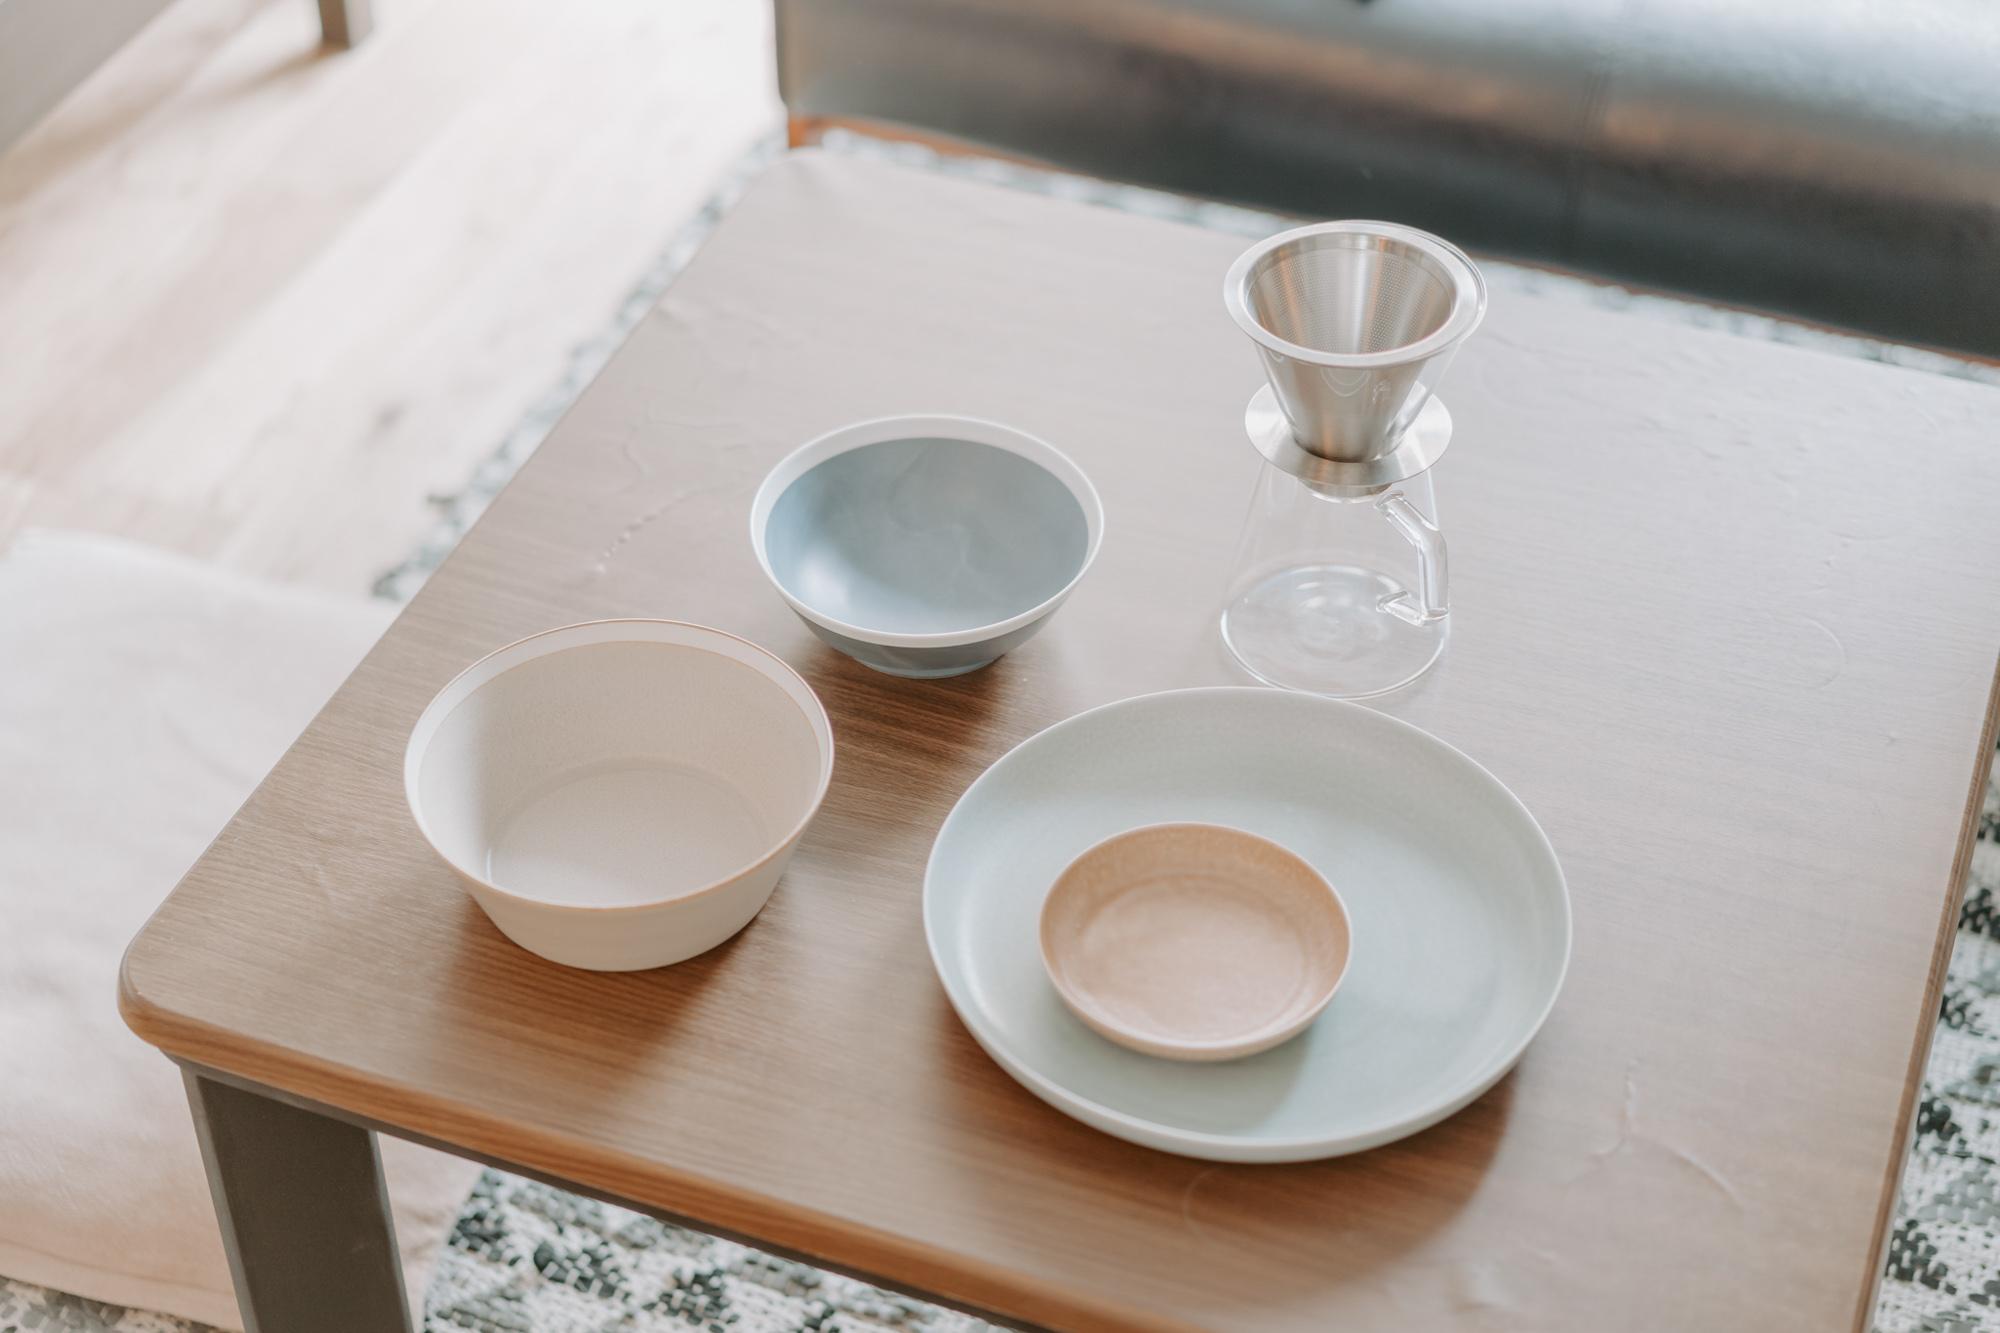 きちんと整頓された棚には、お気に入りの食器が手に取りやすいように収納されています。特に気に入っているのは、KINTOのコーヒーメーカー、イイホシユミコさんの器。